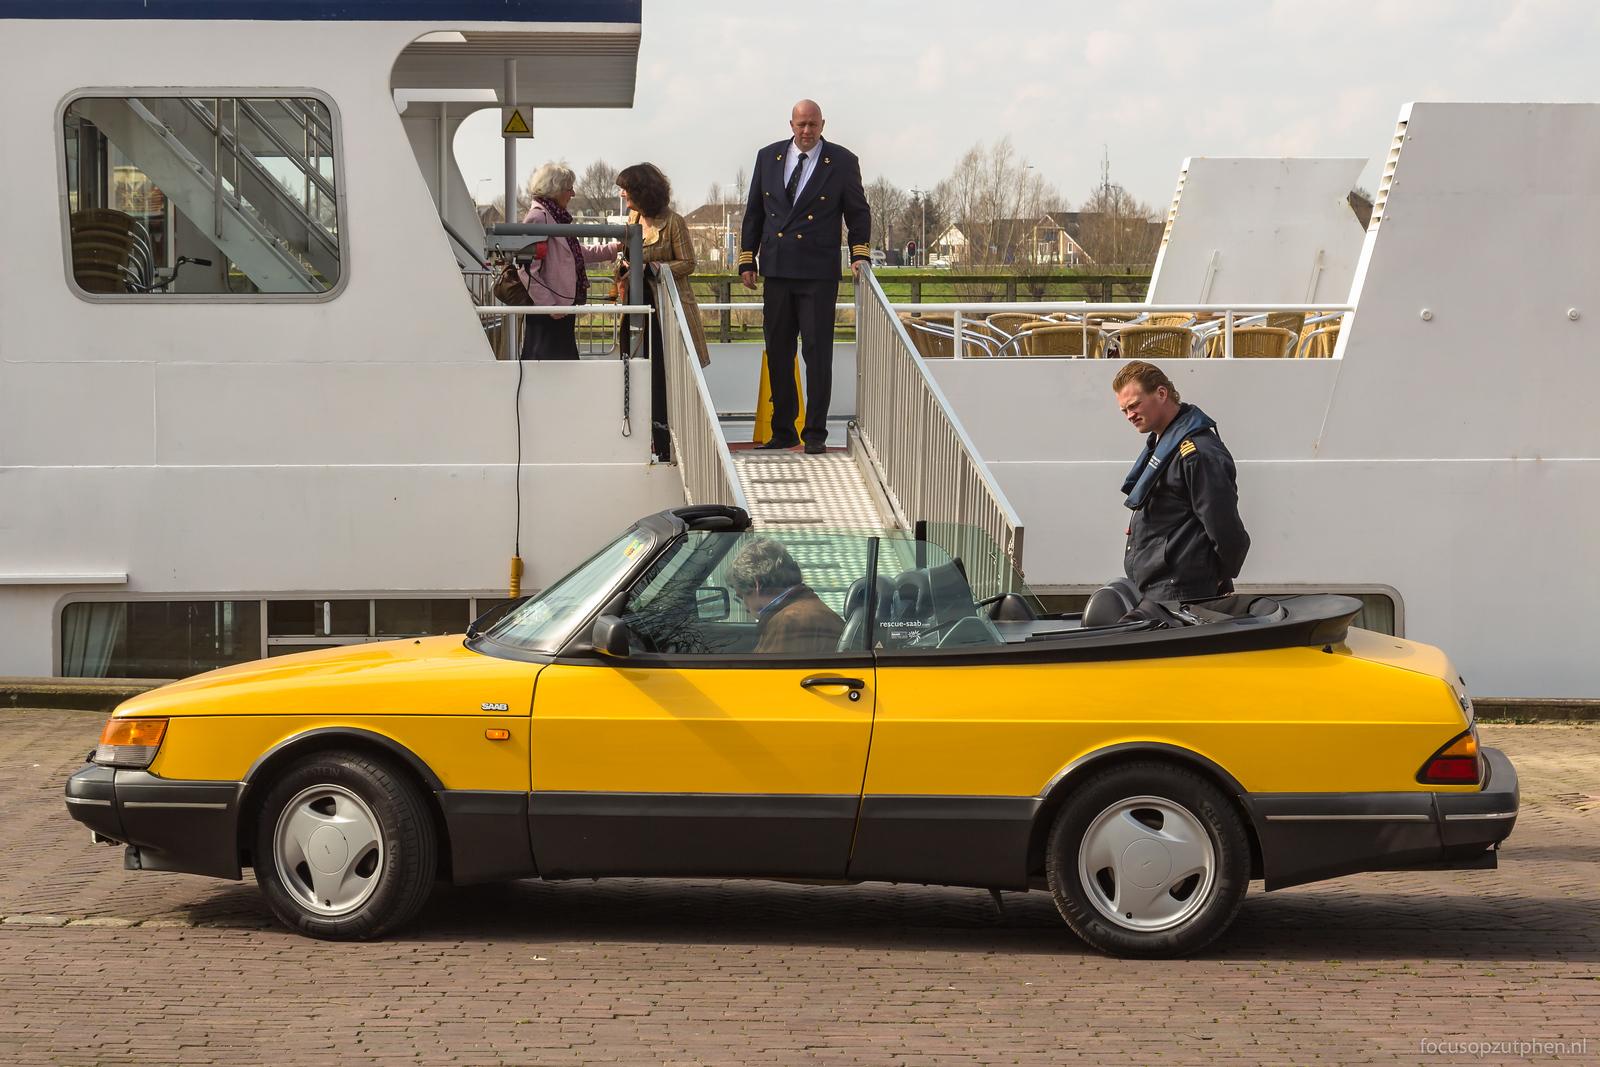 Saab's